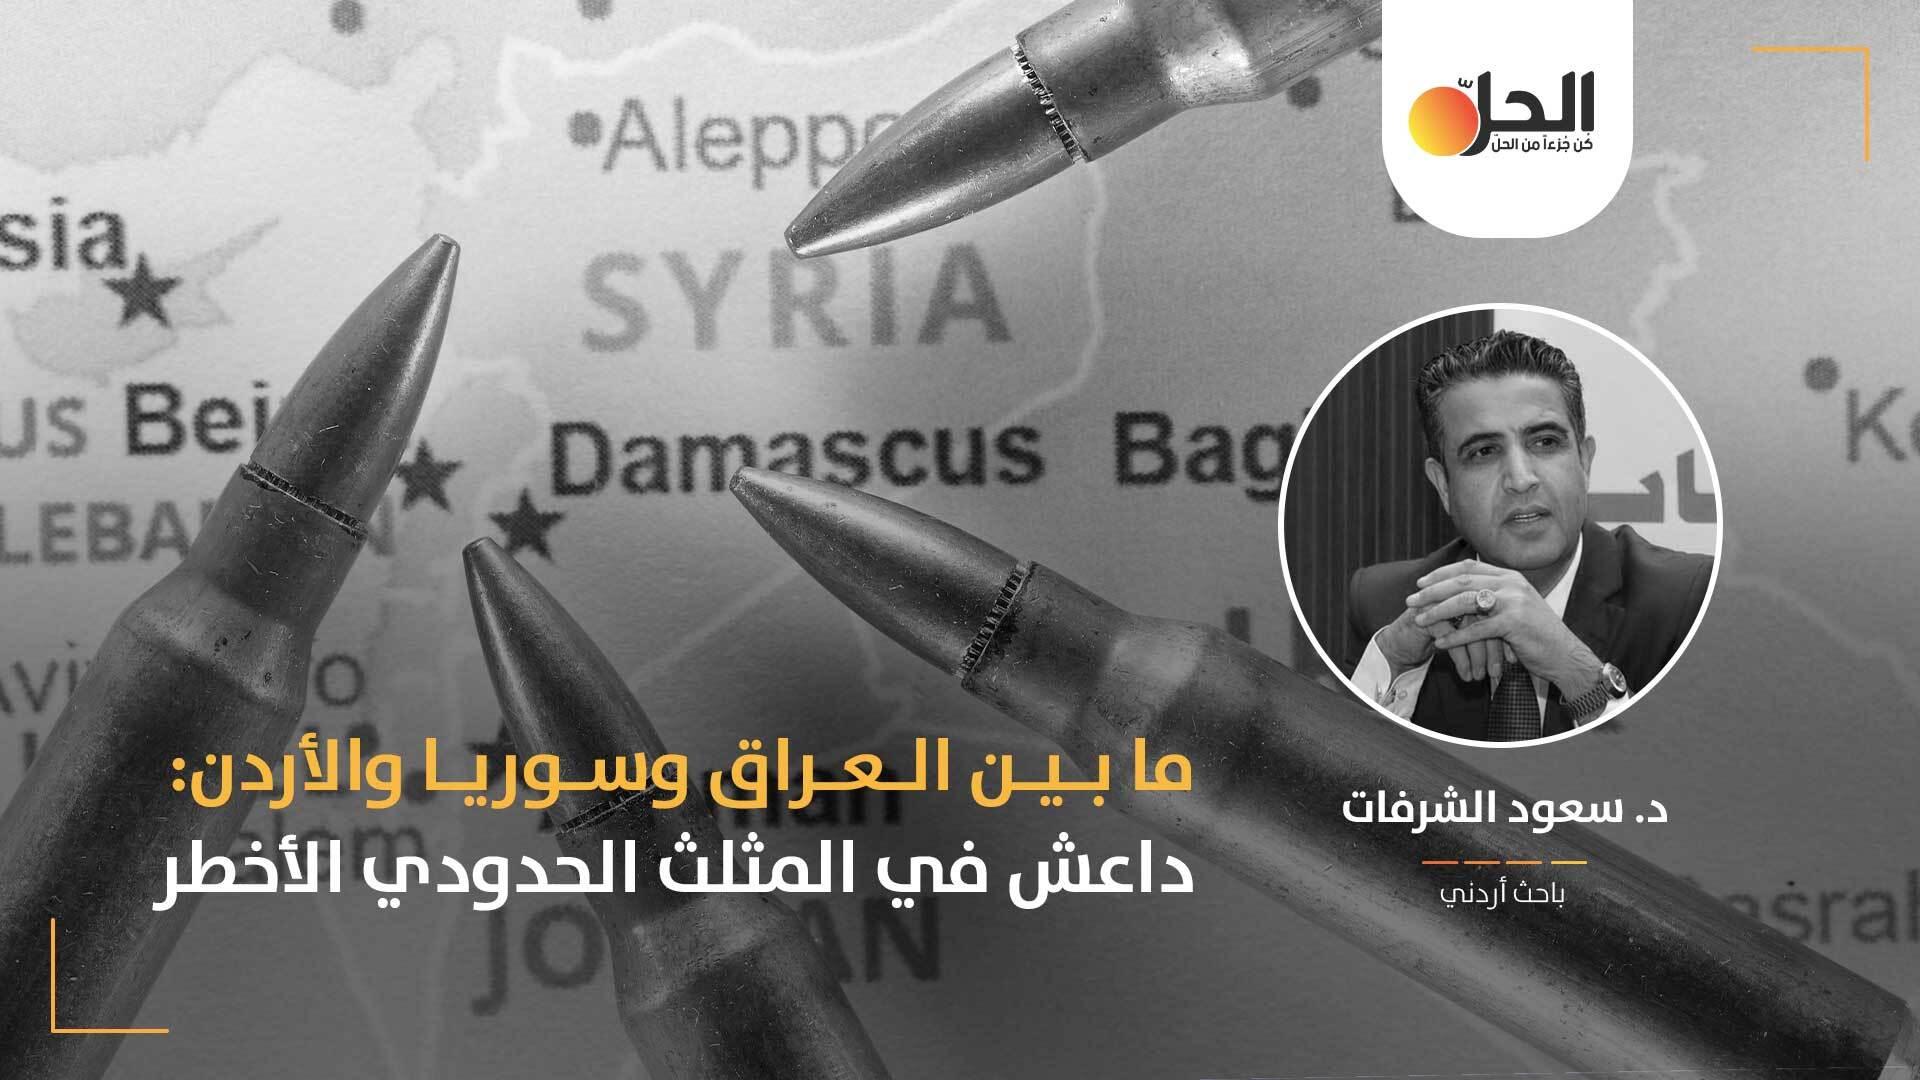 بادية الشام على صفيحٍ ساخن: عودة نشاط تنظيم داعش في صحراء غربي العراق وتأثيره على الأردن وسوريا